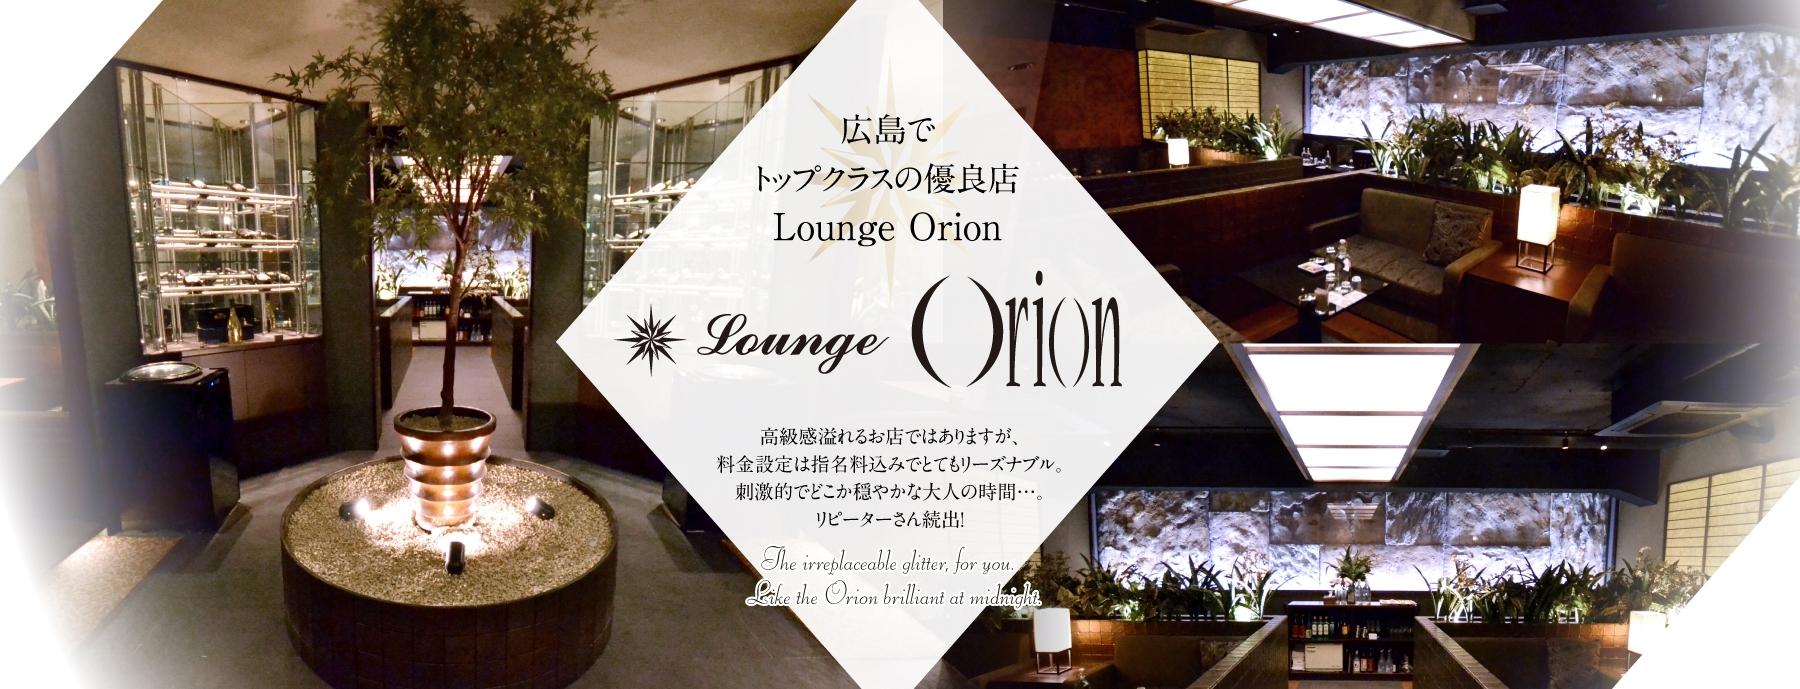 広島・流川・薬研堀 キャバクラ Lounge Orion -オリオン-の店舗画像1